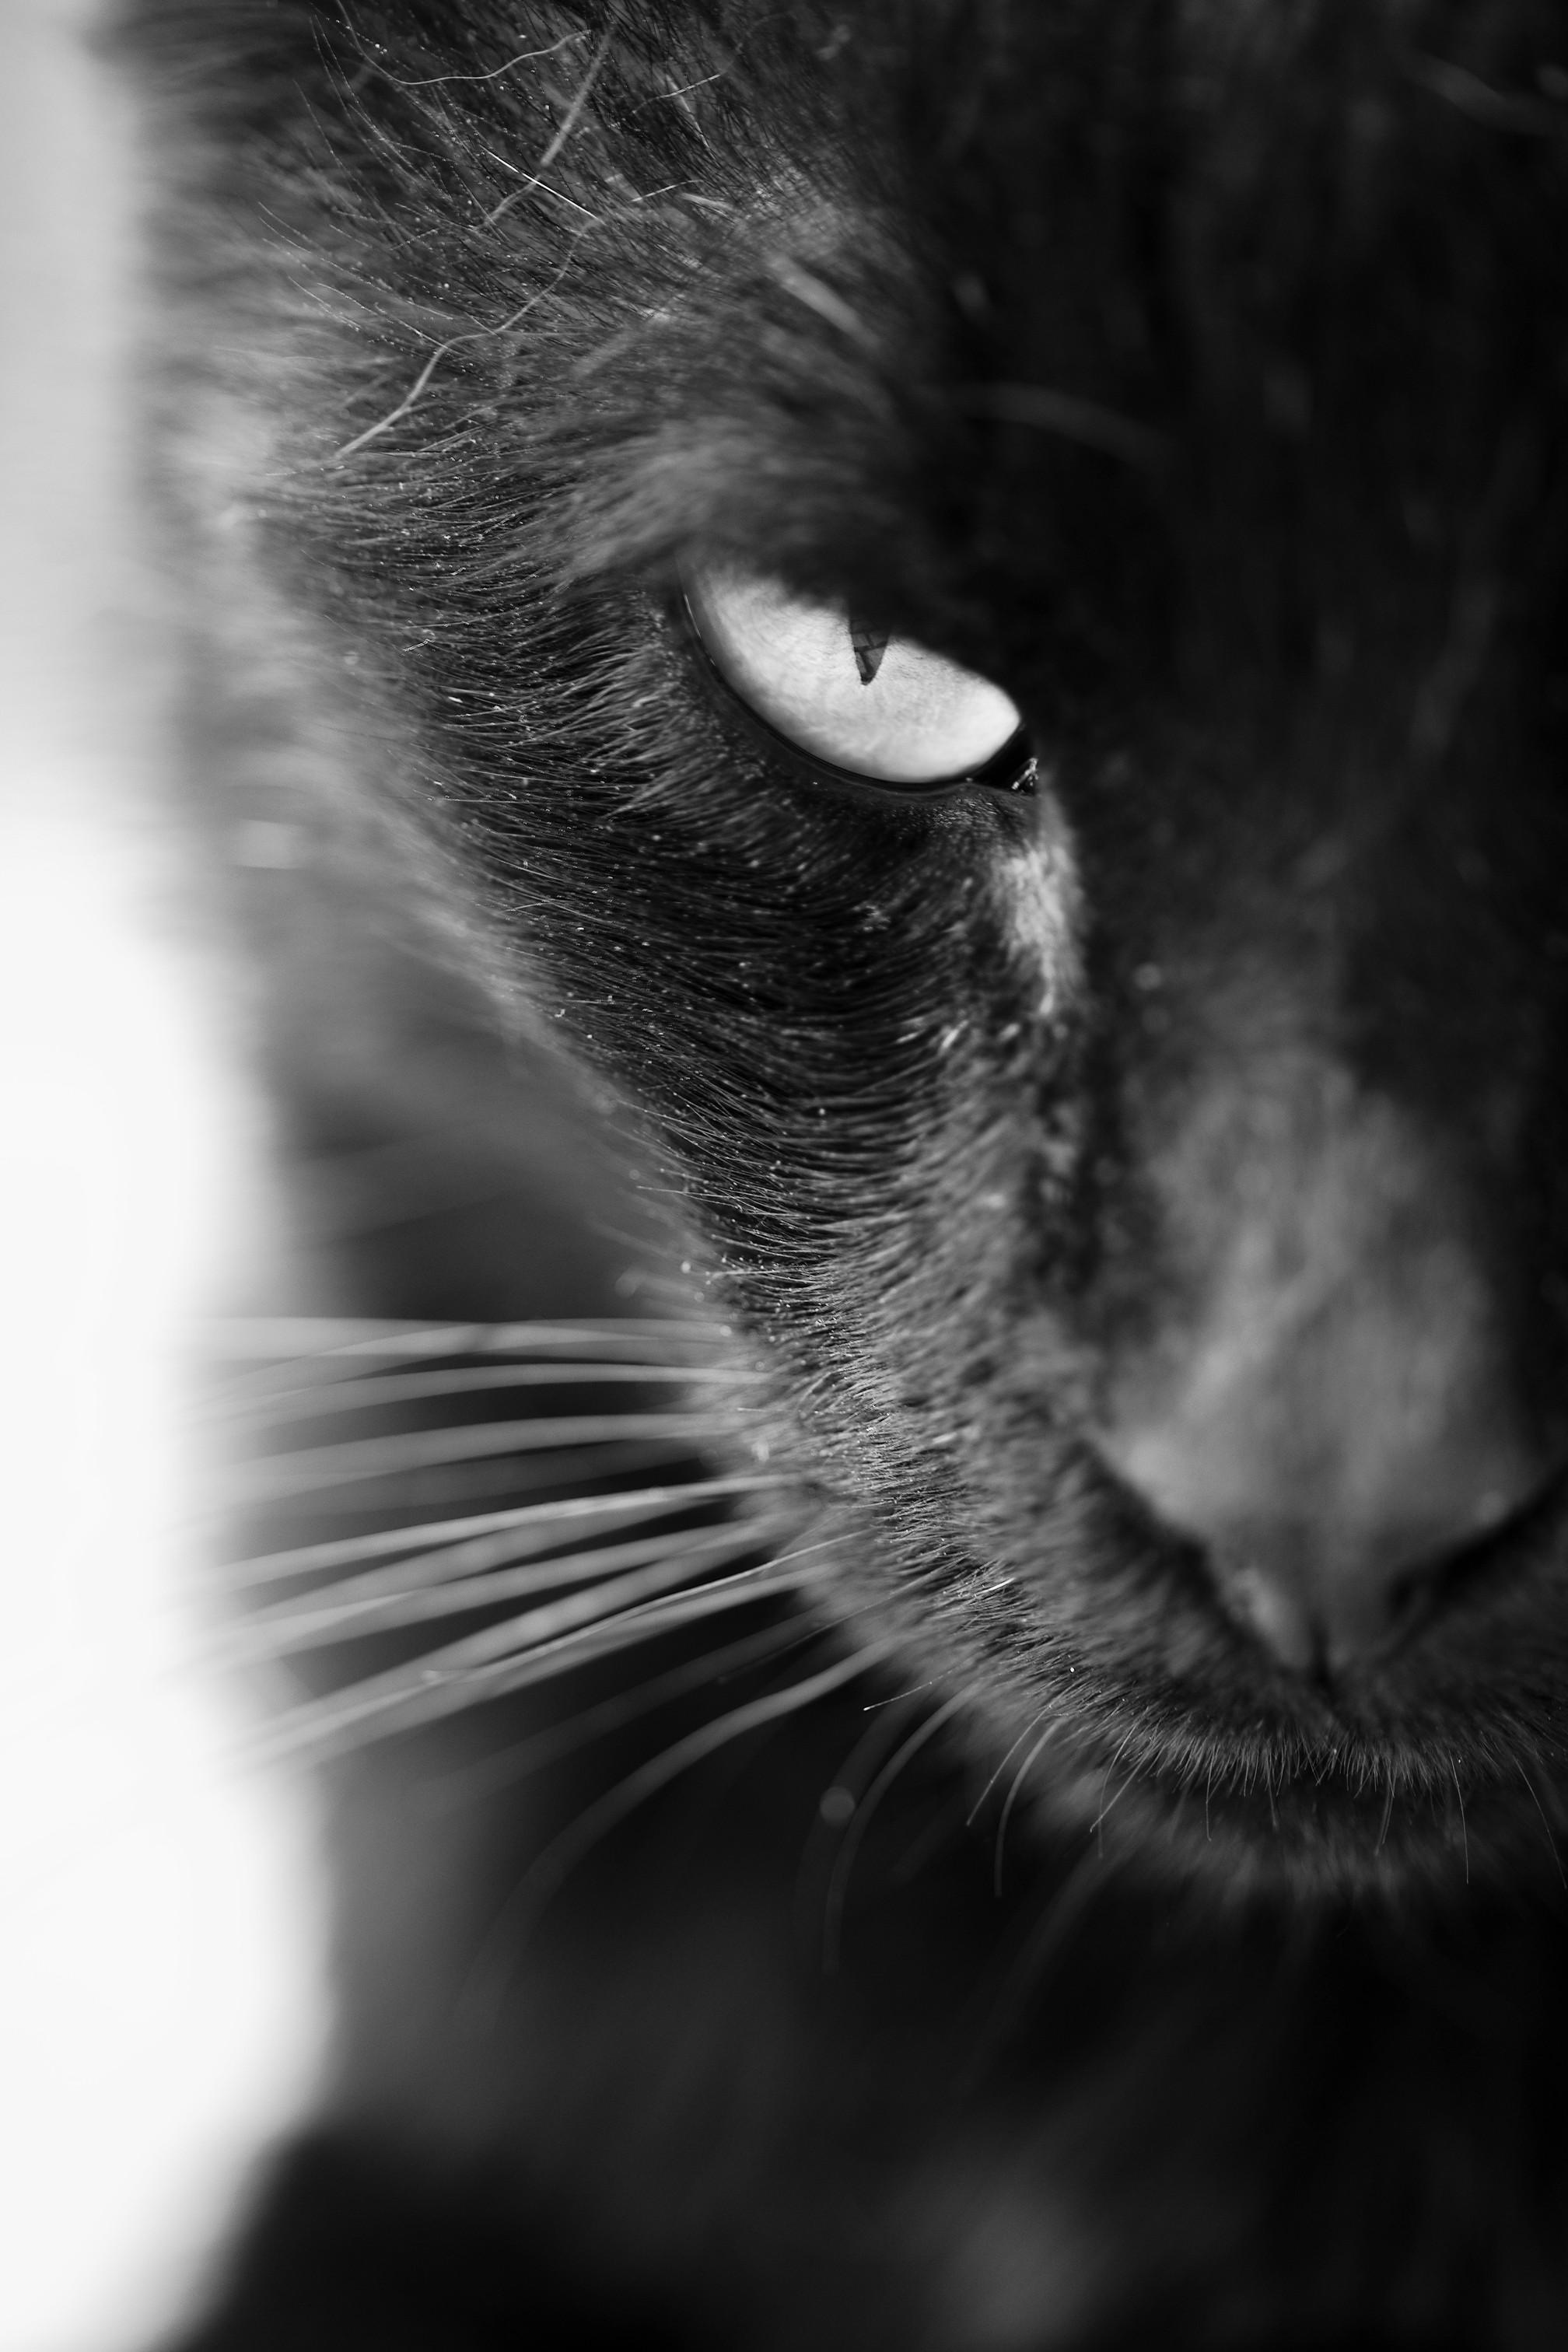 Czarny kot z czerwoną wstążką, piątek trzynastego czyli co z tymi przesądami? - Zdjęcie główne